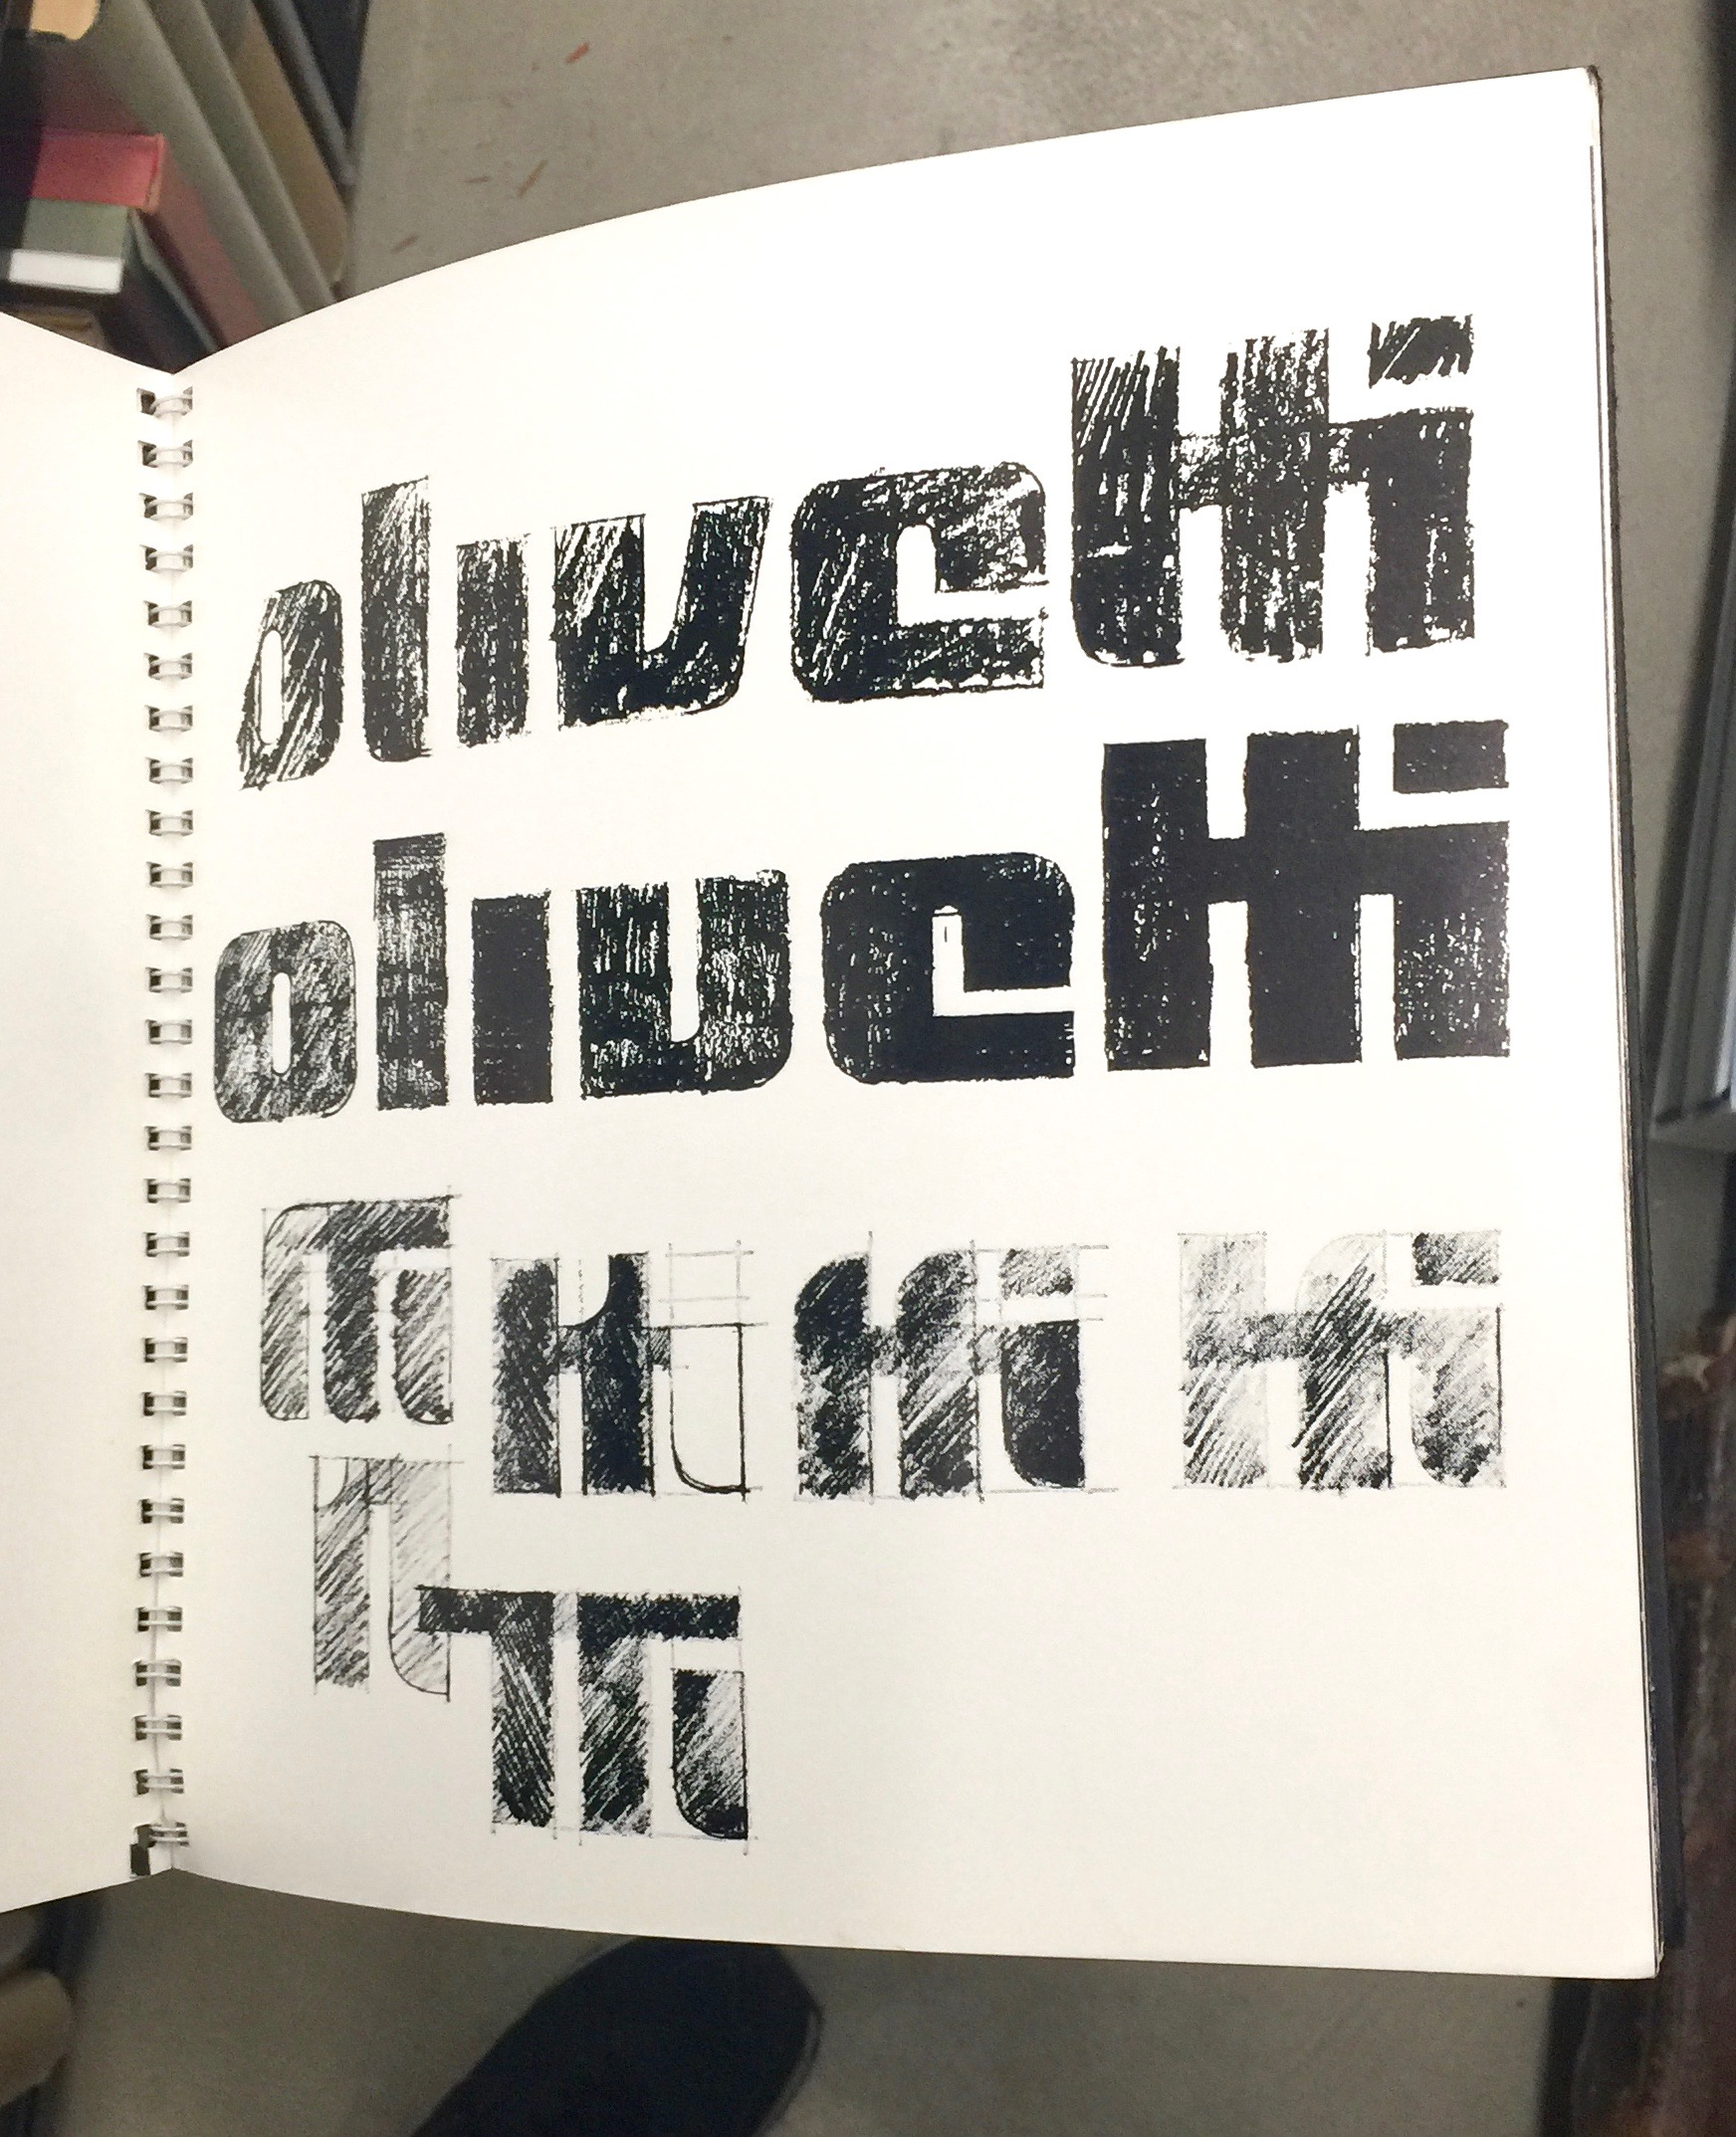 letterformArchive_brandguide_1857.jpg